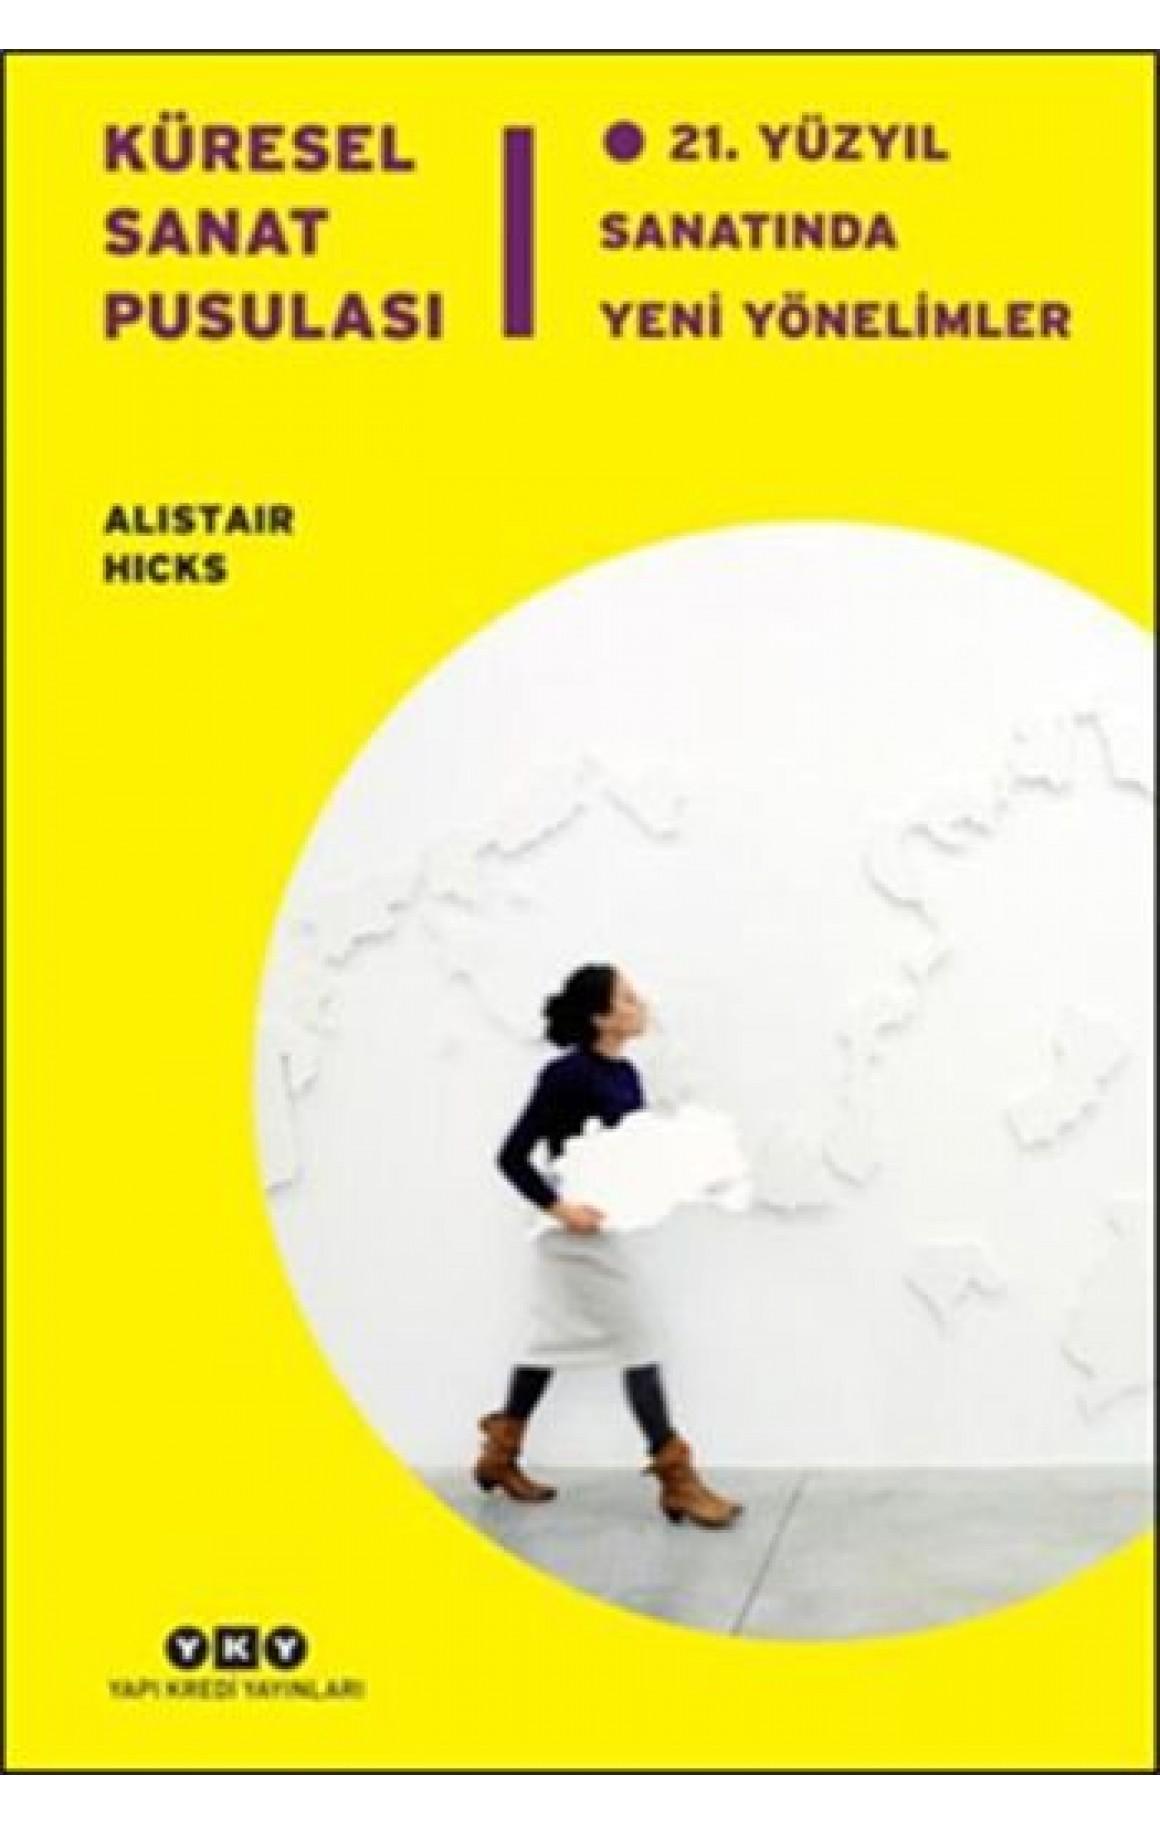 Küresel Sanat Pusulası - 21.Yüzyıl Sanatında Yeni Yönelimler-Ciltli